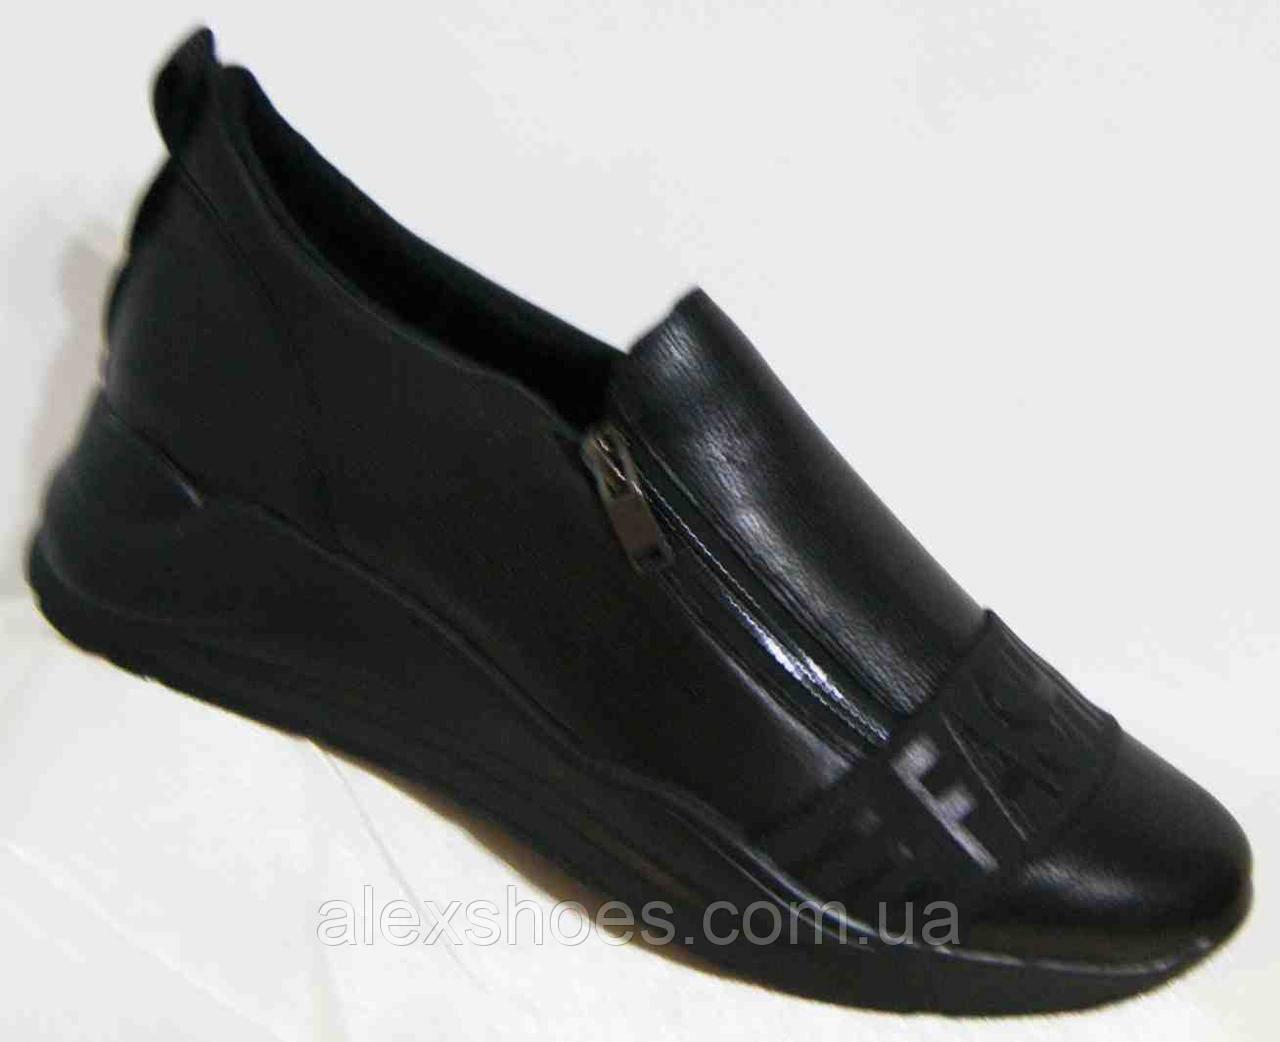 Туфли женские большого размера из натуральной кожи от производителя модель В5248-9